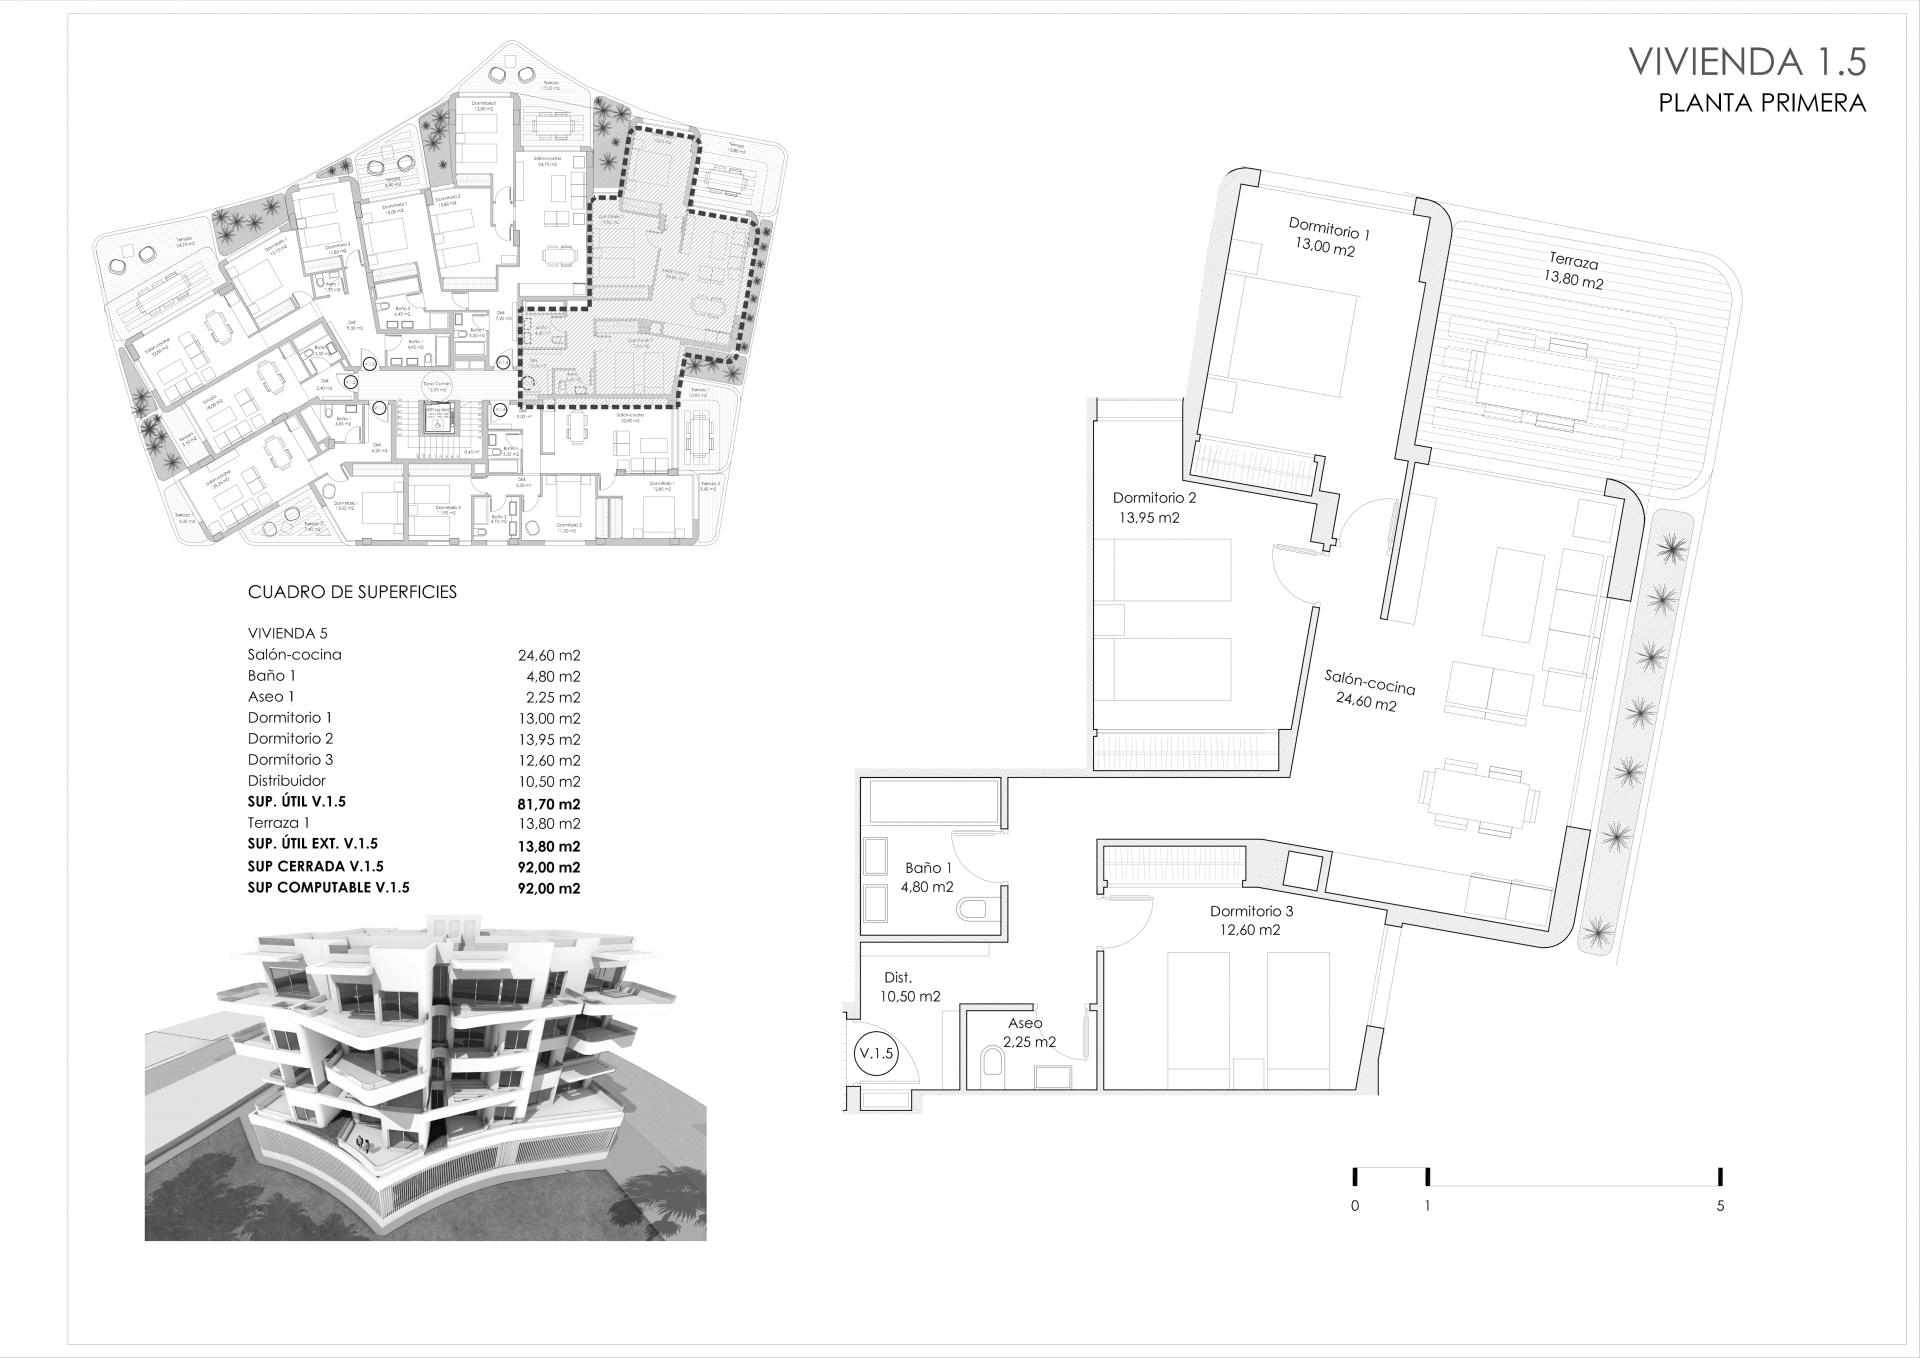 1.5 - Edificio Ventura Ocean View